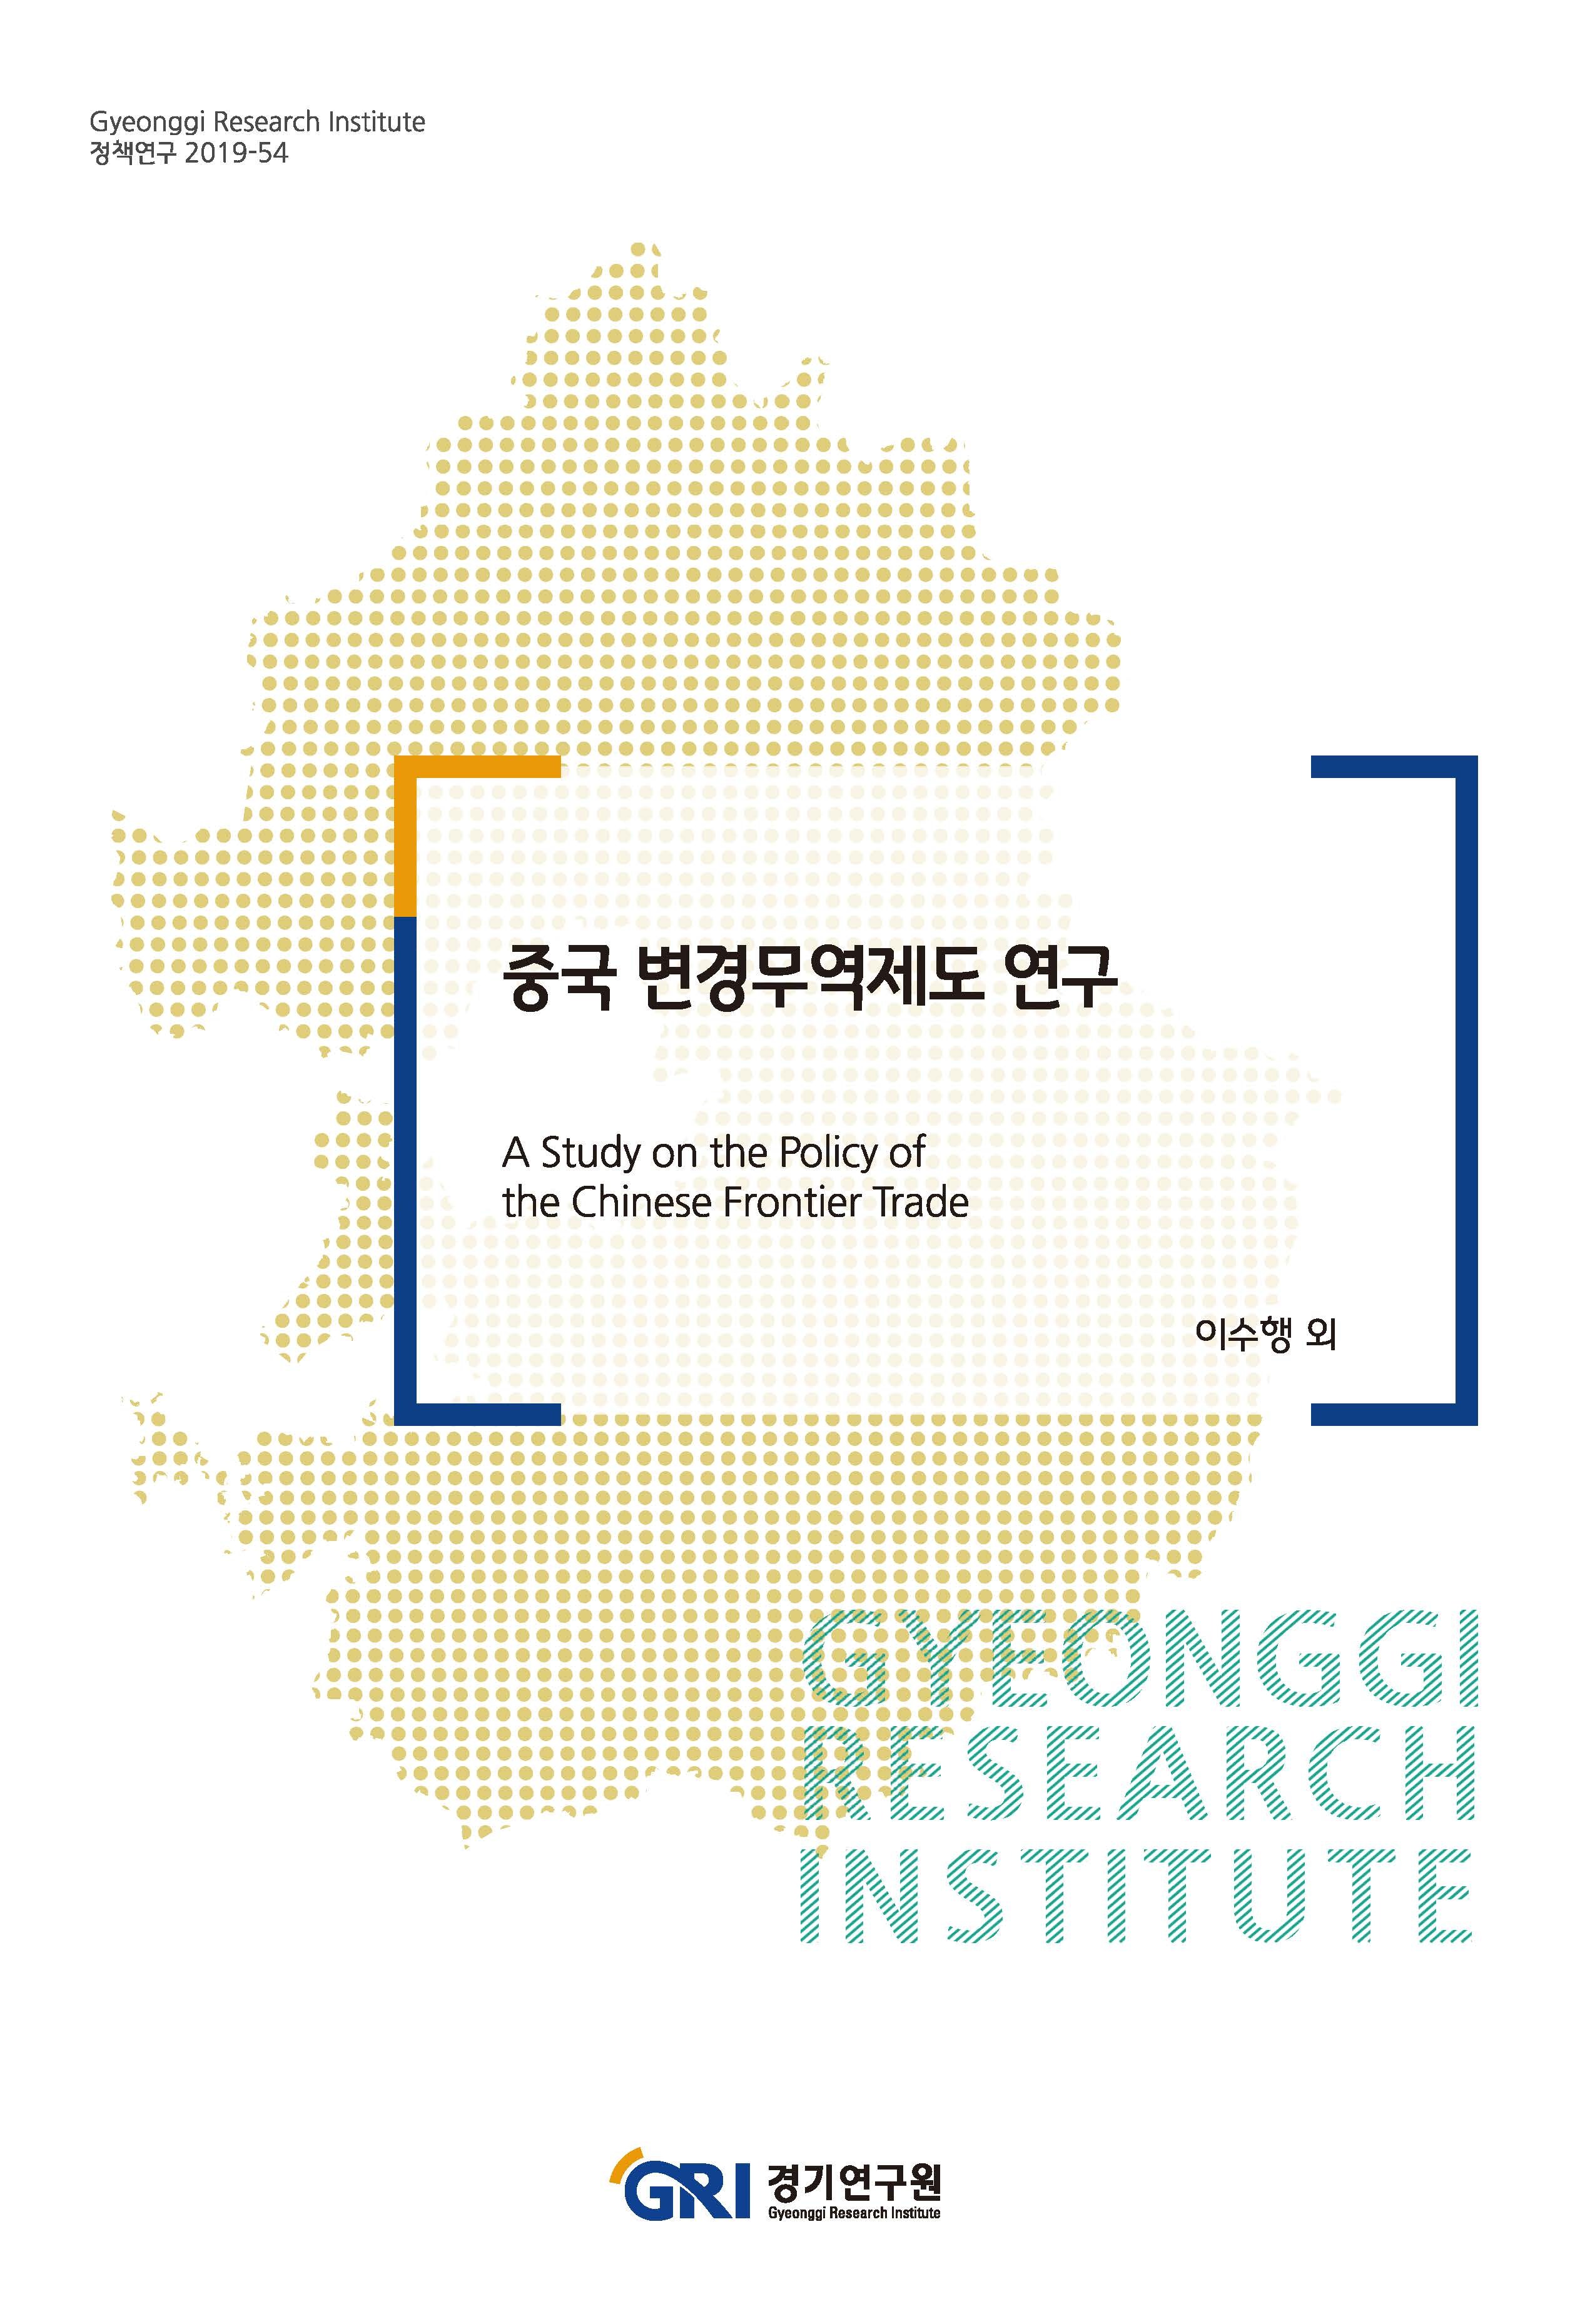 중국 변경무역제도 연구